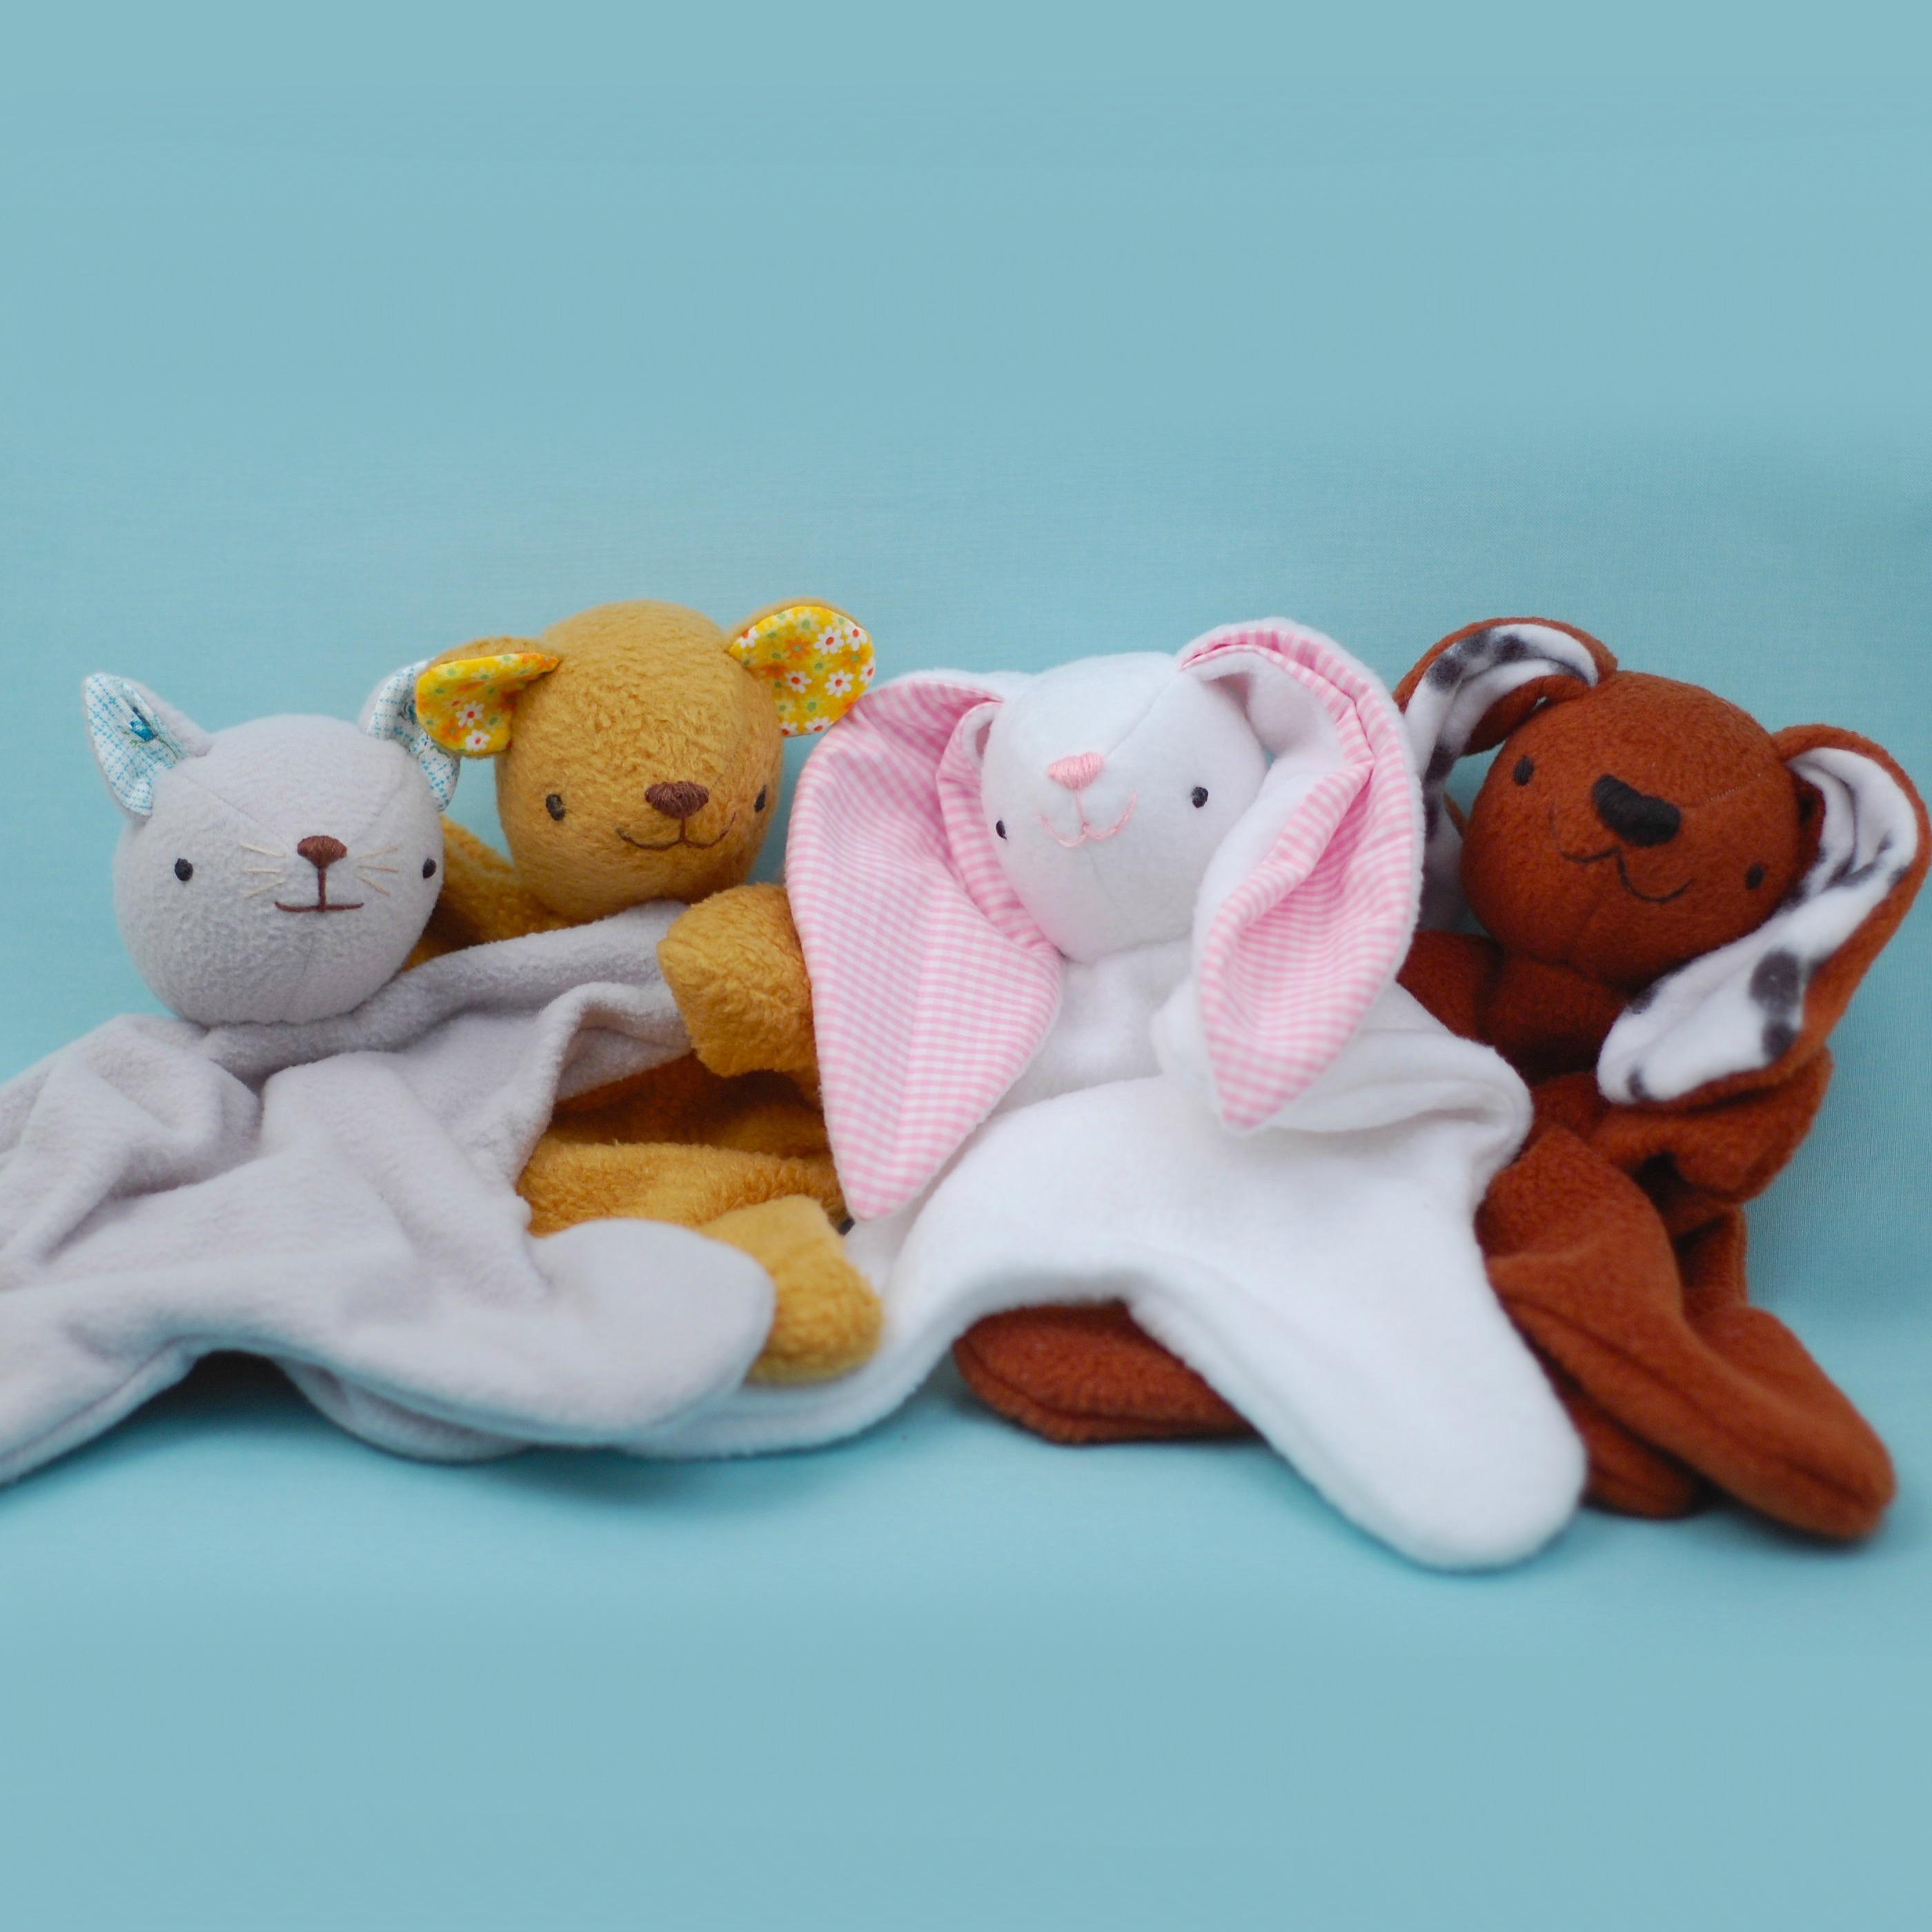 Sugar /'n Spice  : Vintage Pattern Boy or Girl Pillow or Play Bear Bear Wallhanging Lov/'n Stuff!